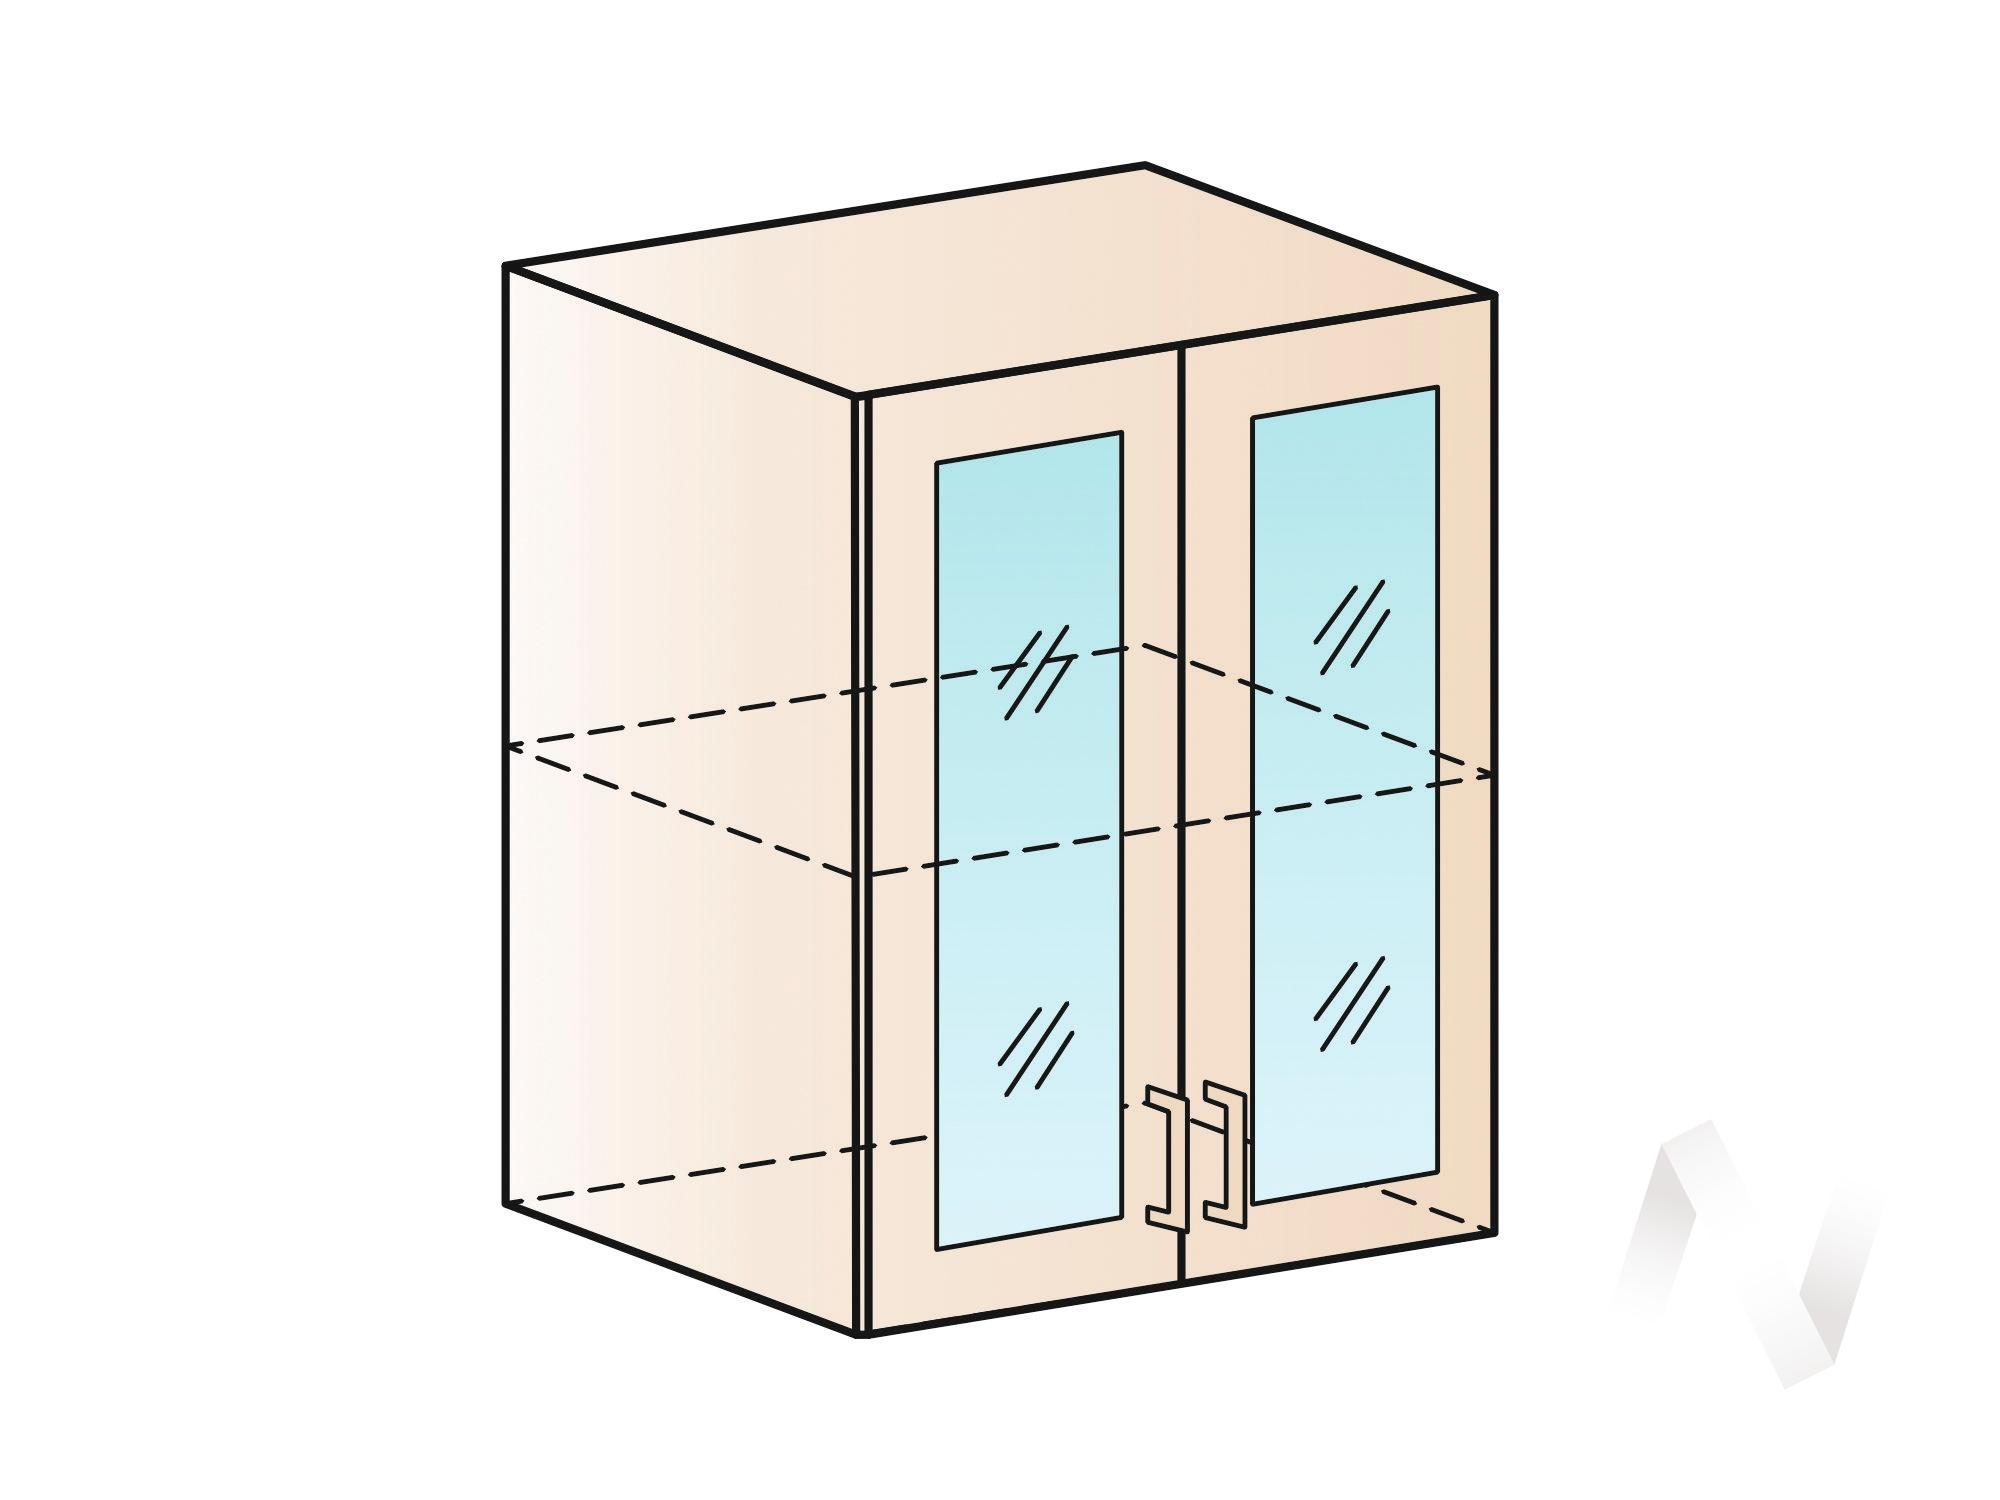 """Кухня """"Люкс"""": Шкаф верхний со стеклом 600, ШВС 600 (Шелк жемчуг/корпус белый) в Томске — авторская мебель Экостиль"""